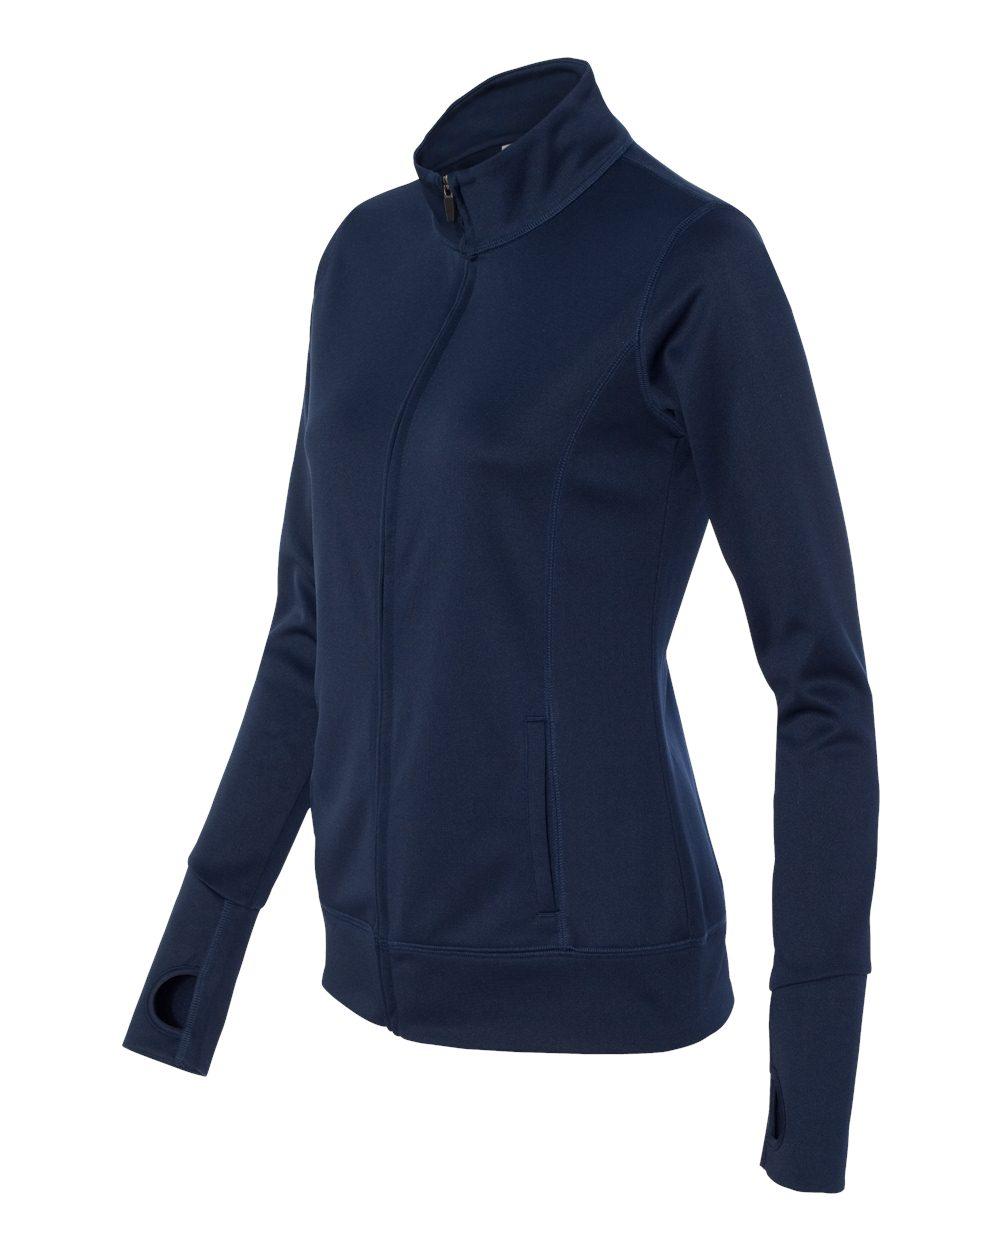 alo - Ladies' Lightweight Jacket $32.32 - Women's Outerwear